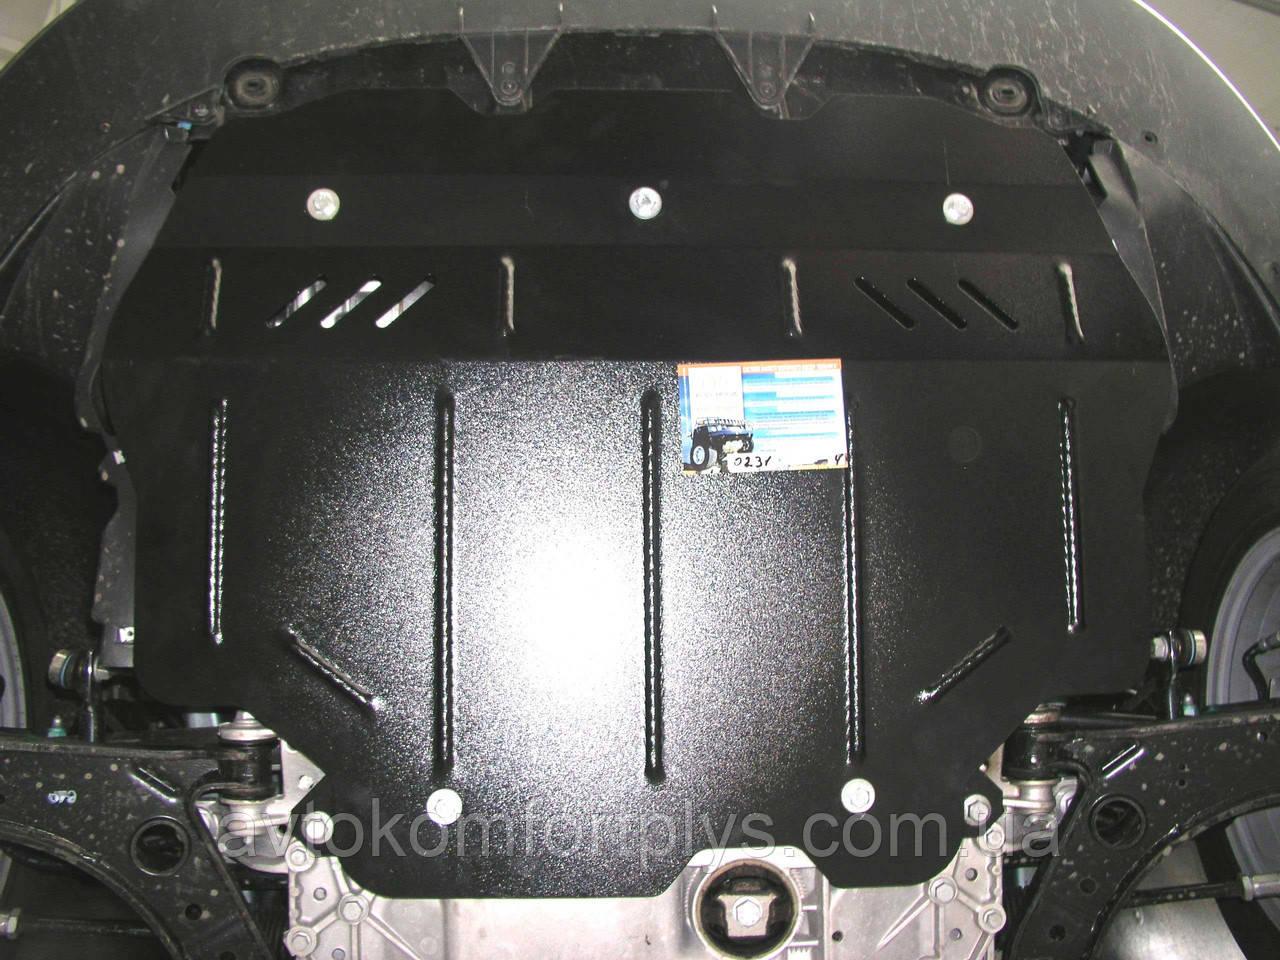 Металева (сталева) захист двигуна (картера) Seat Altea XL (2006-) (V-2,0 SSI)